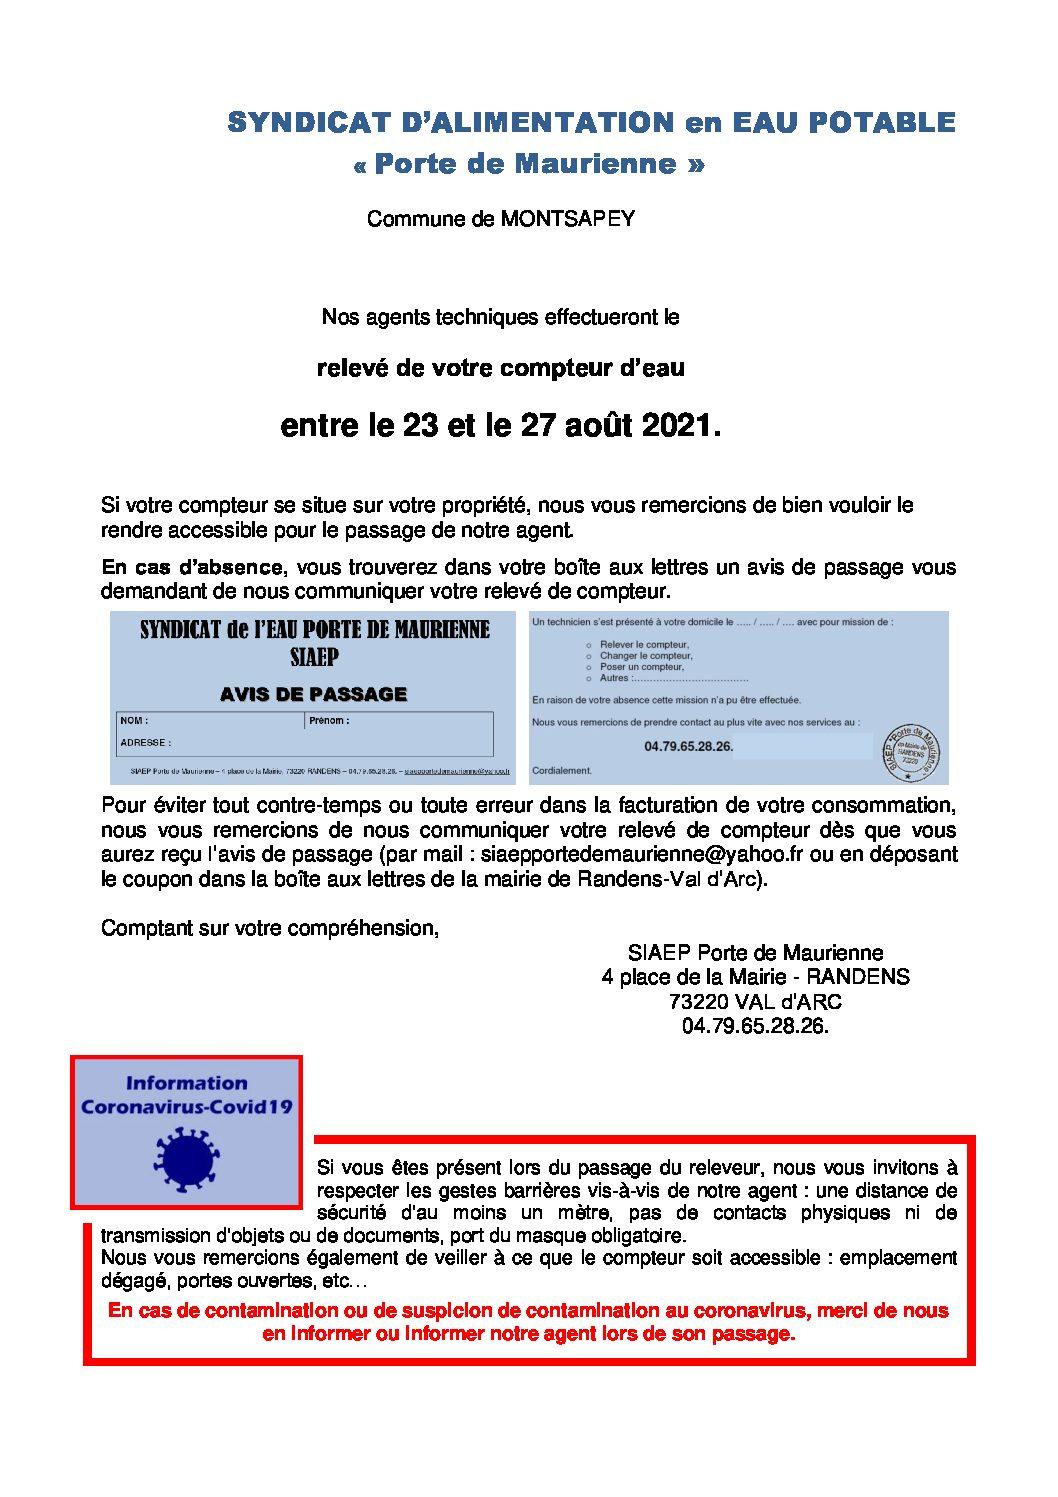 Image accueil de la page Relevé des compteurs d'eau entre le 23 et 27 août du site Montsapey